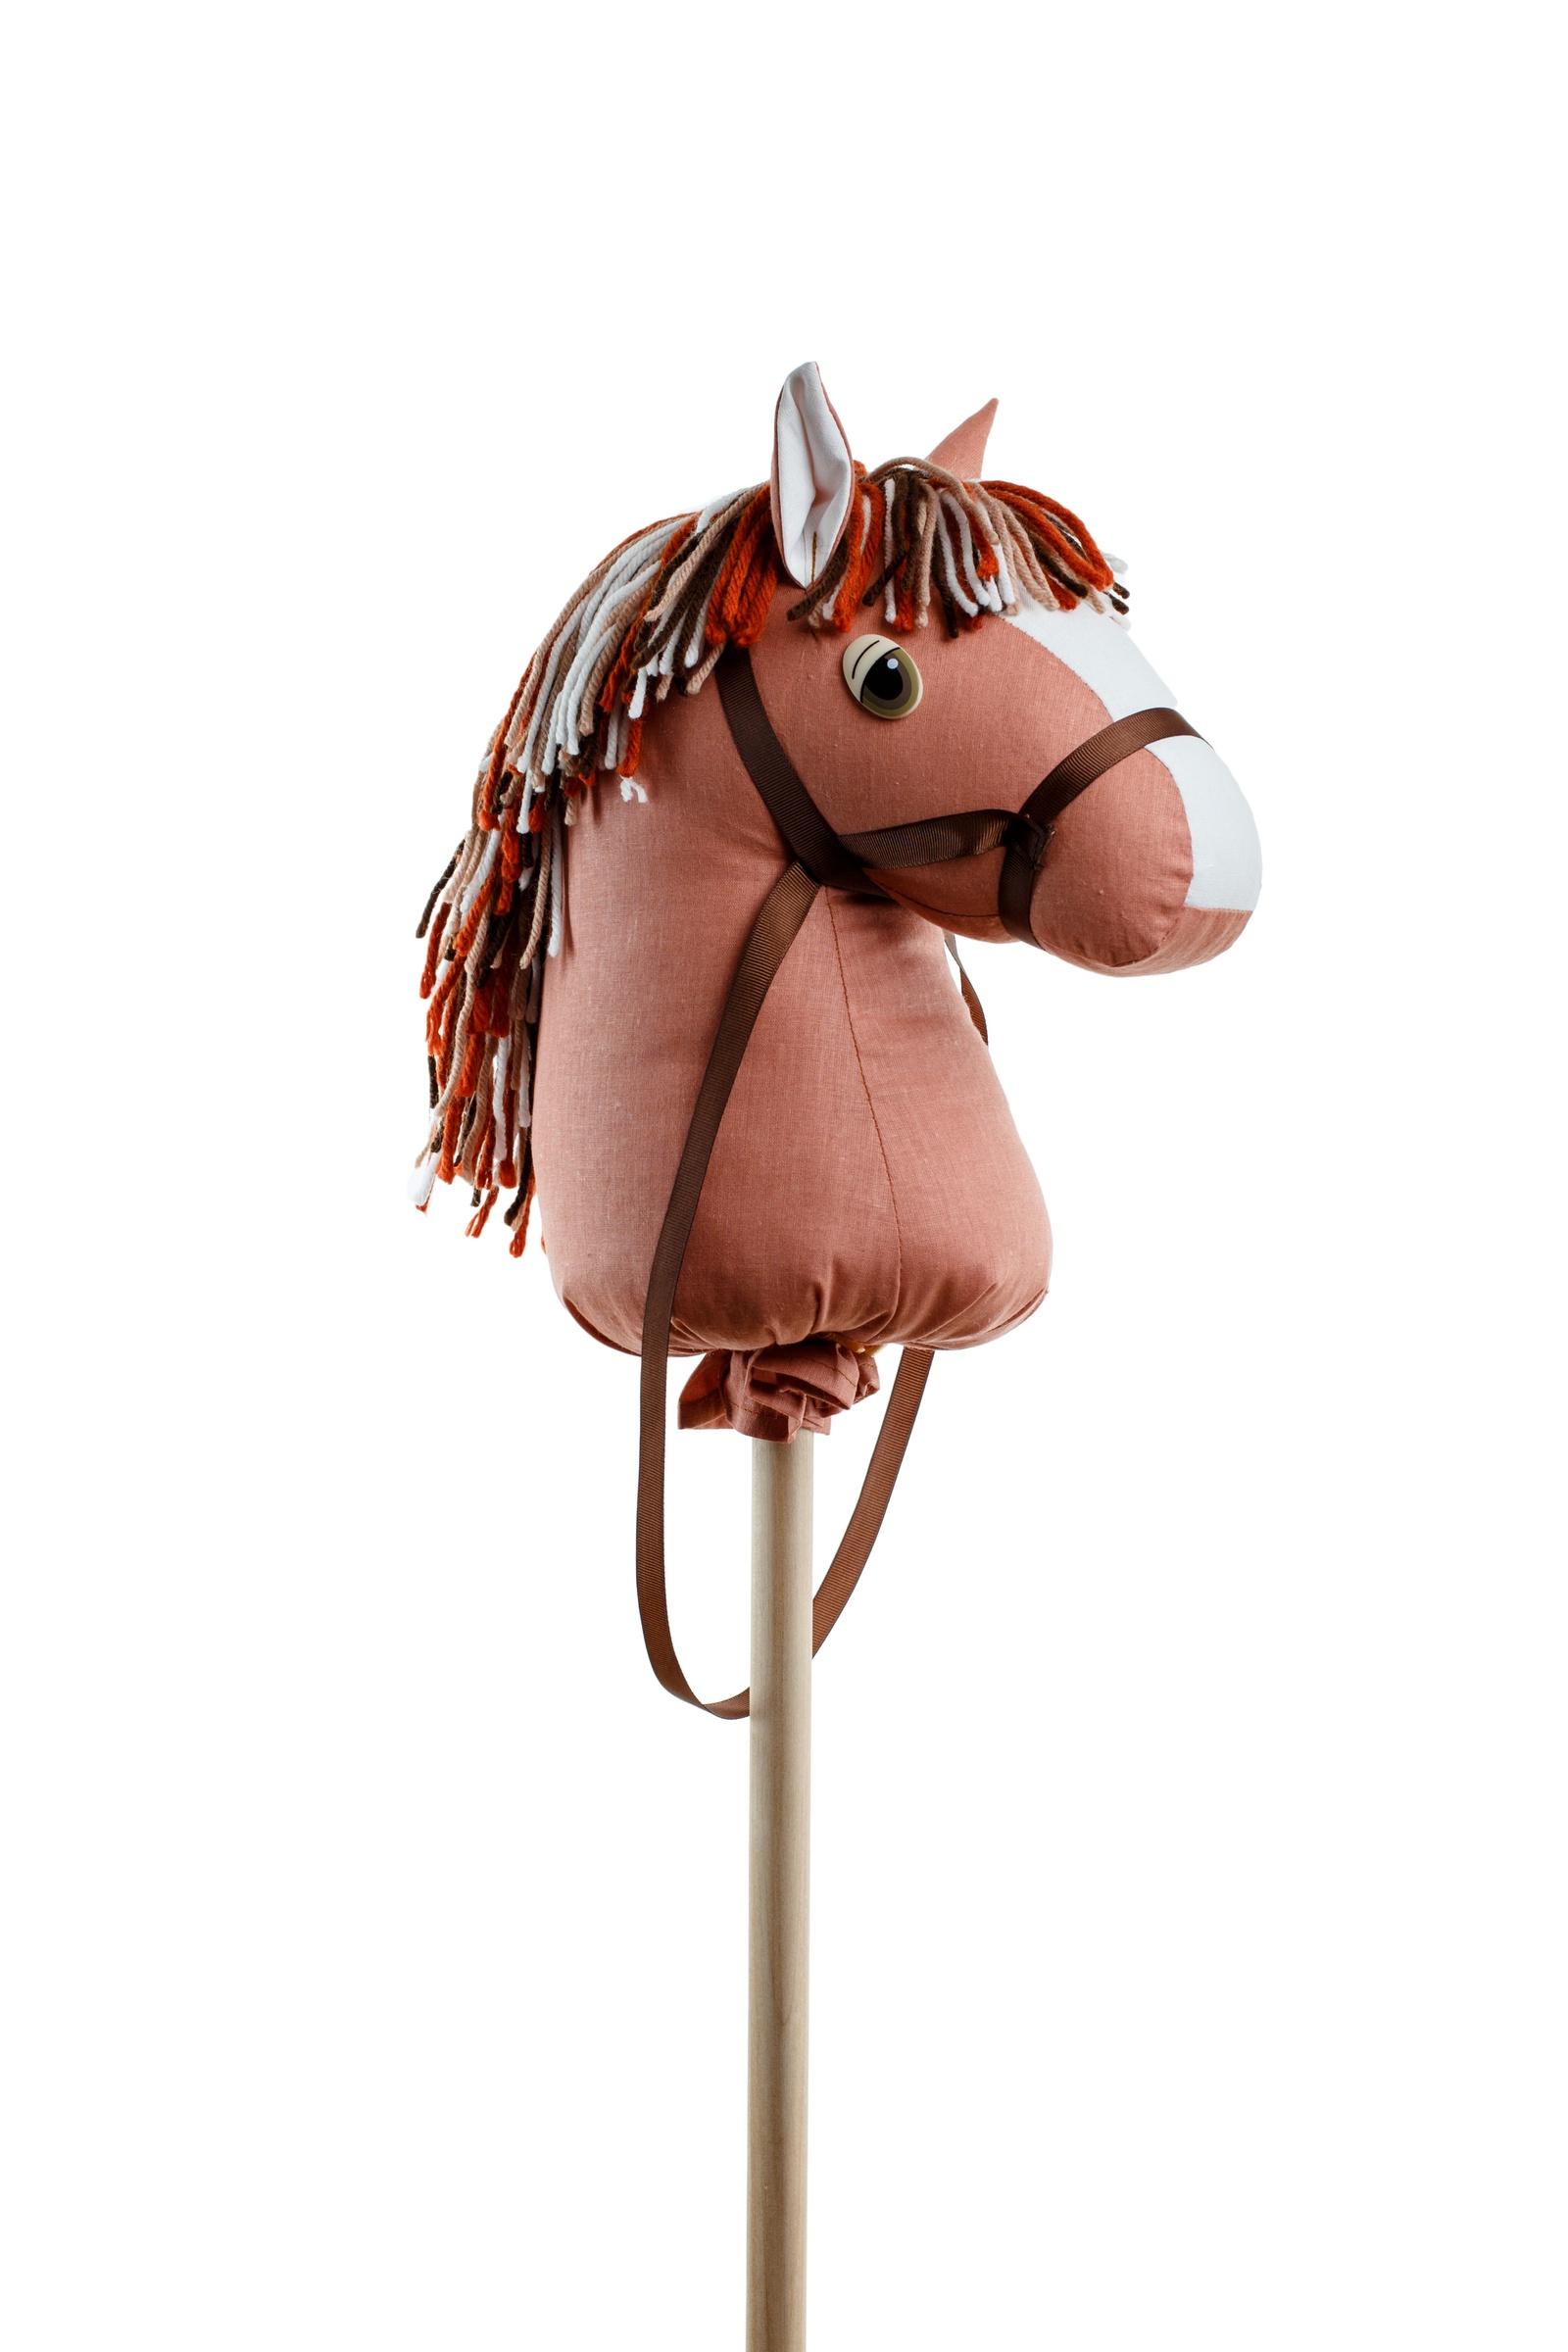 Фото - Игрушка - лошадка Коняша Гром, 588 -КМ013 ролевые игры коняша лошадка на палочке фея